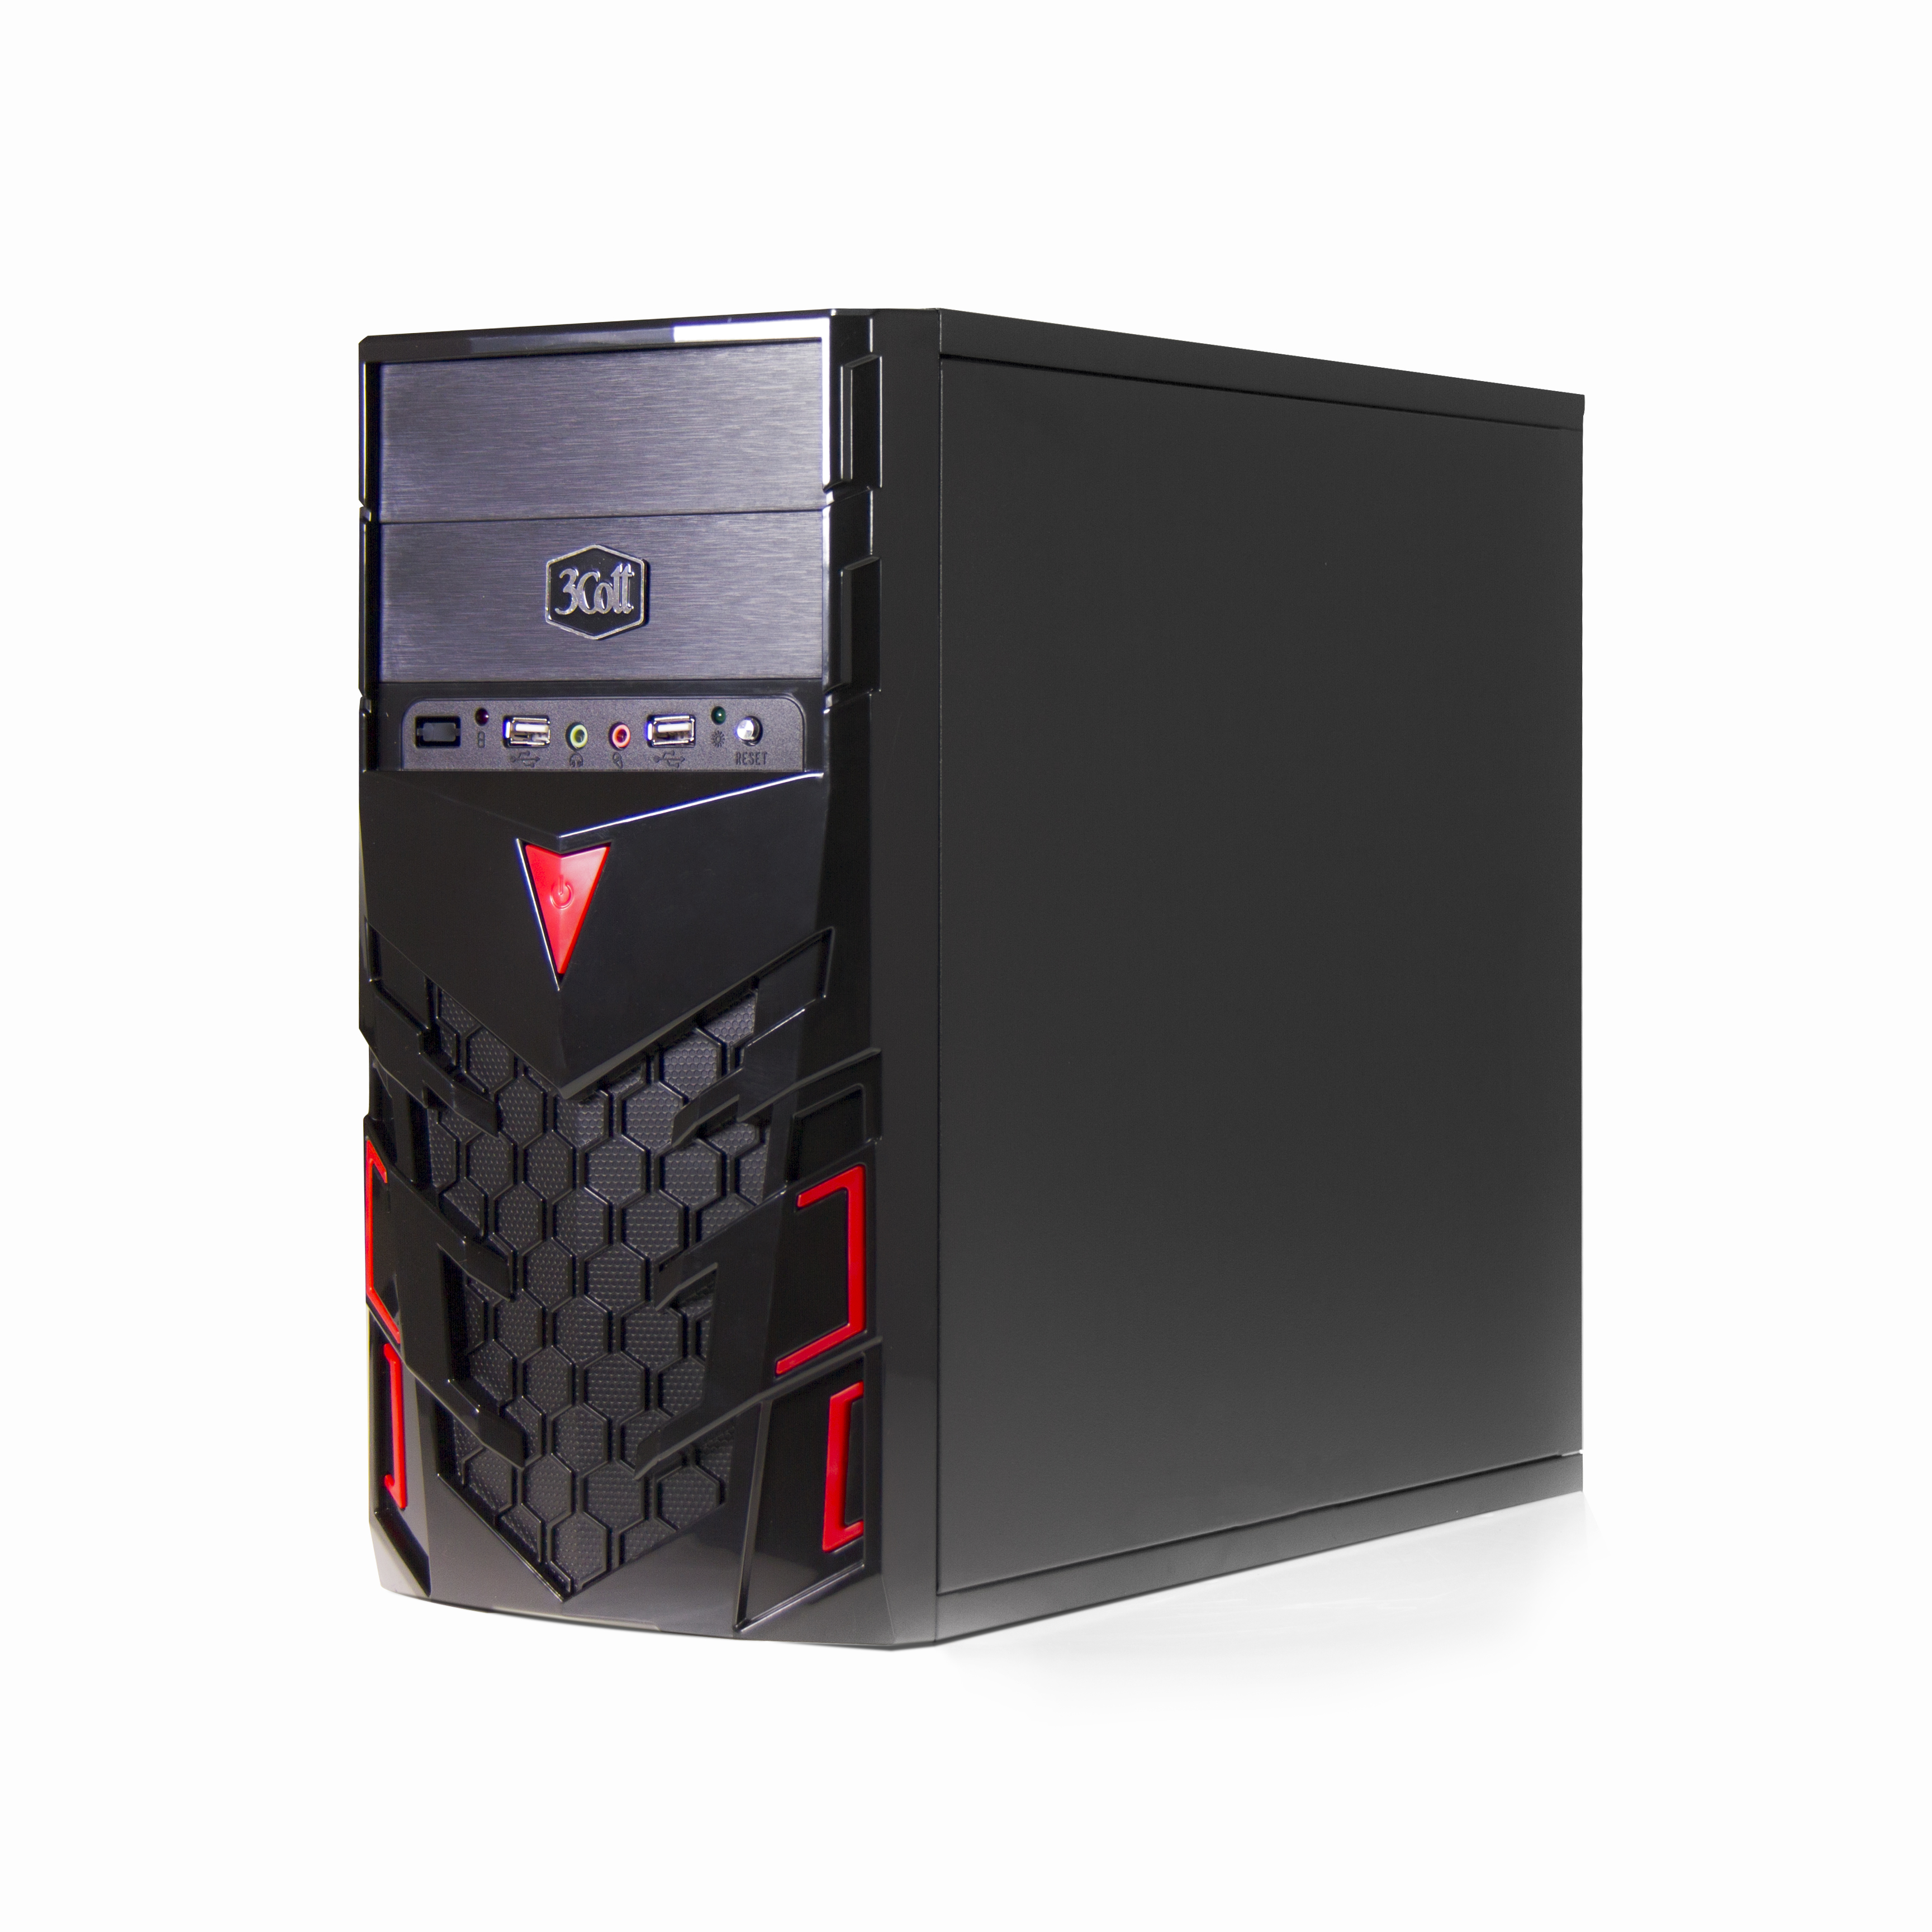 """Корпус 3Cott 3C-MATX-CA1B """"Venom"""" для игрового компьютера, mATX, блок питания 500 Вт, выходы USB 2.0x2, аудиовыход, микрофонный вход"""